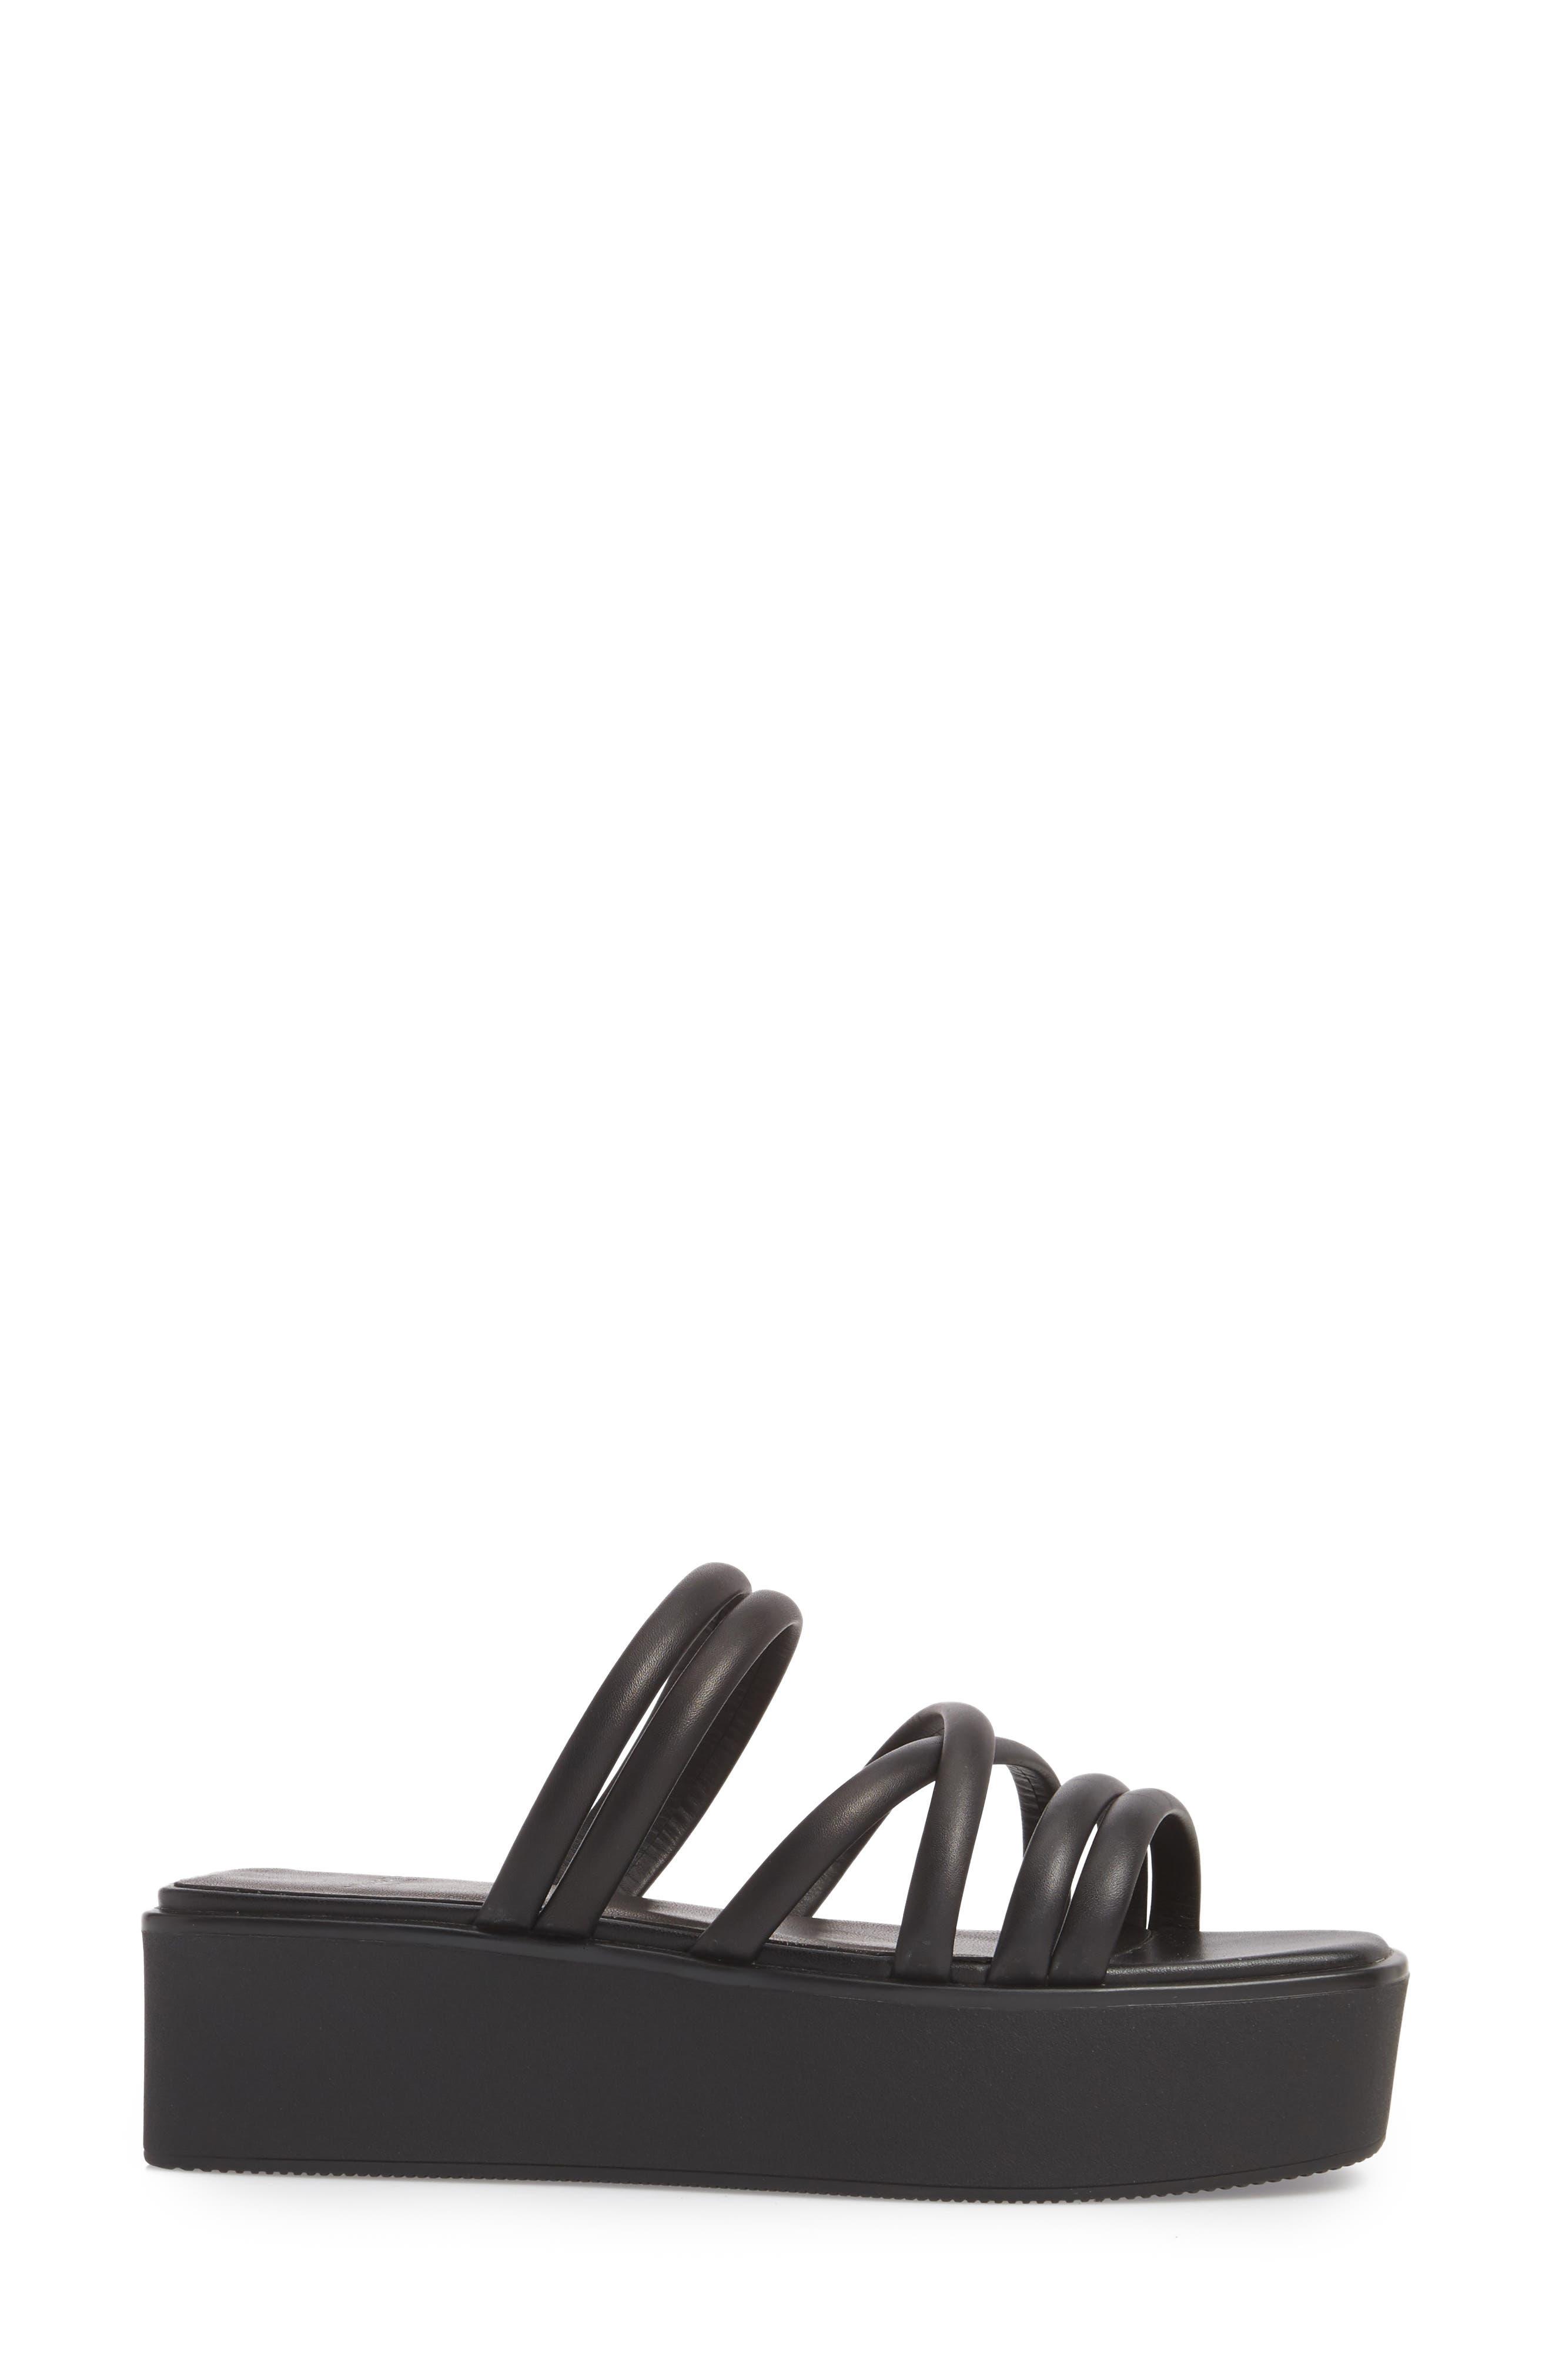 Bonnie Platform Sandal,                             Alternate thumbnail 3, color,                             Black Leather